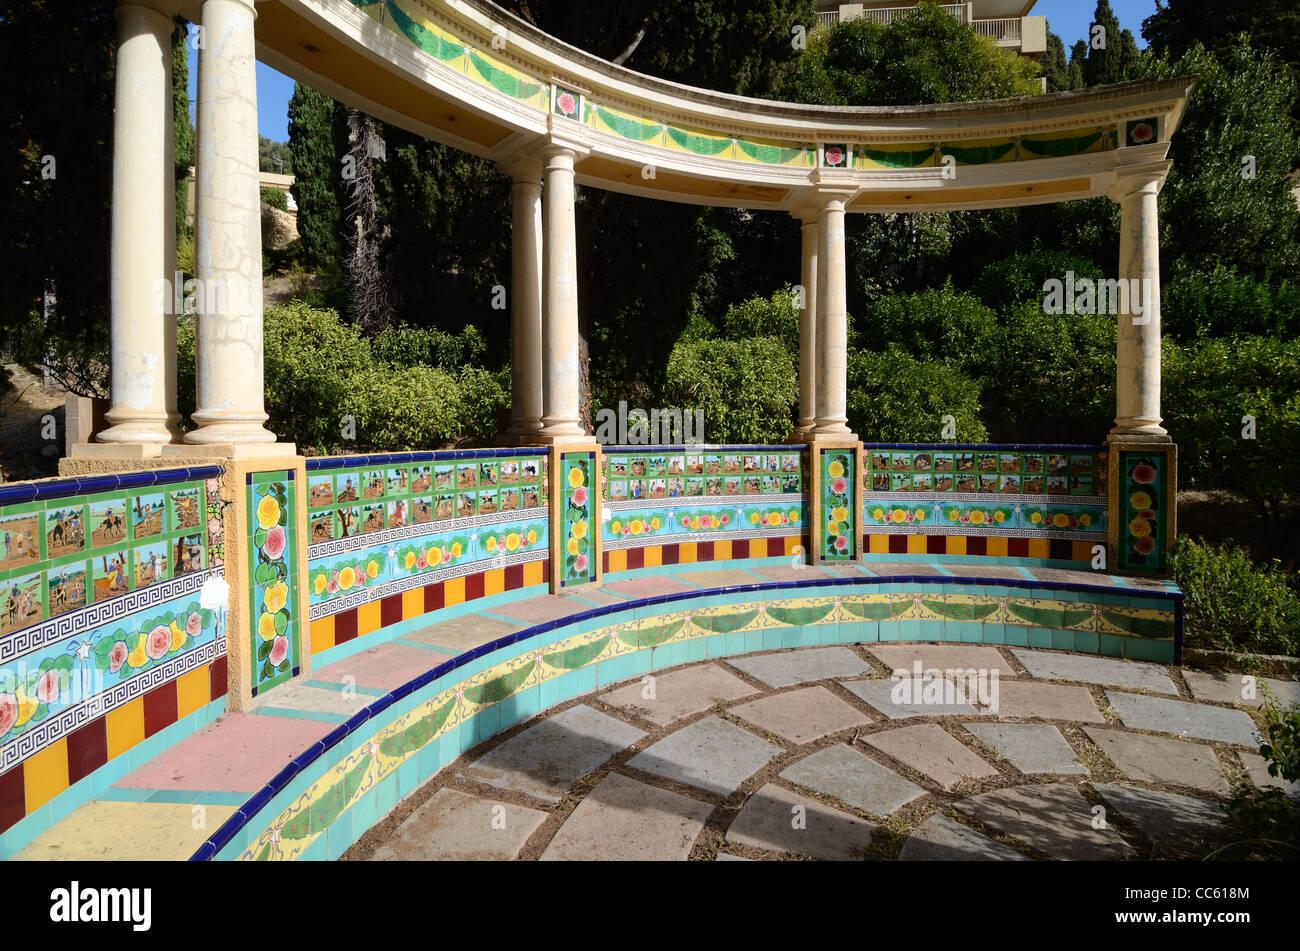 Panchina Rotonda : Con piastrelle di ceramica in rotunda panchina da giardino arredato